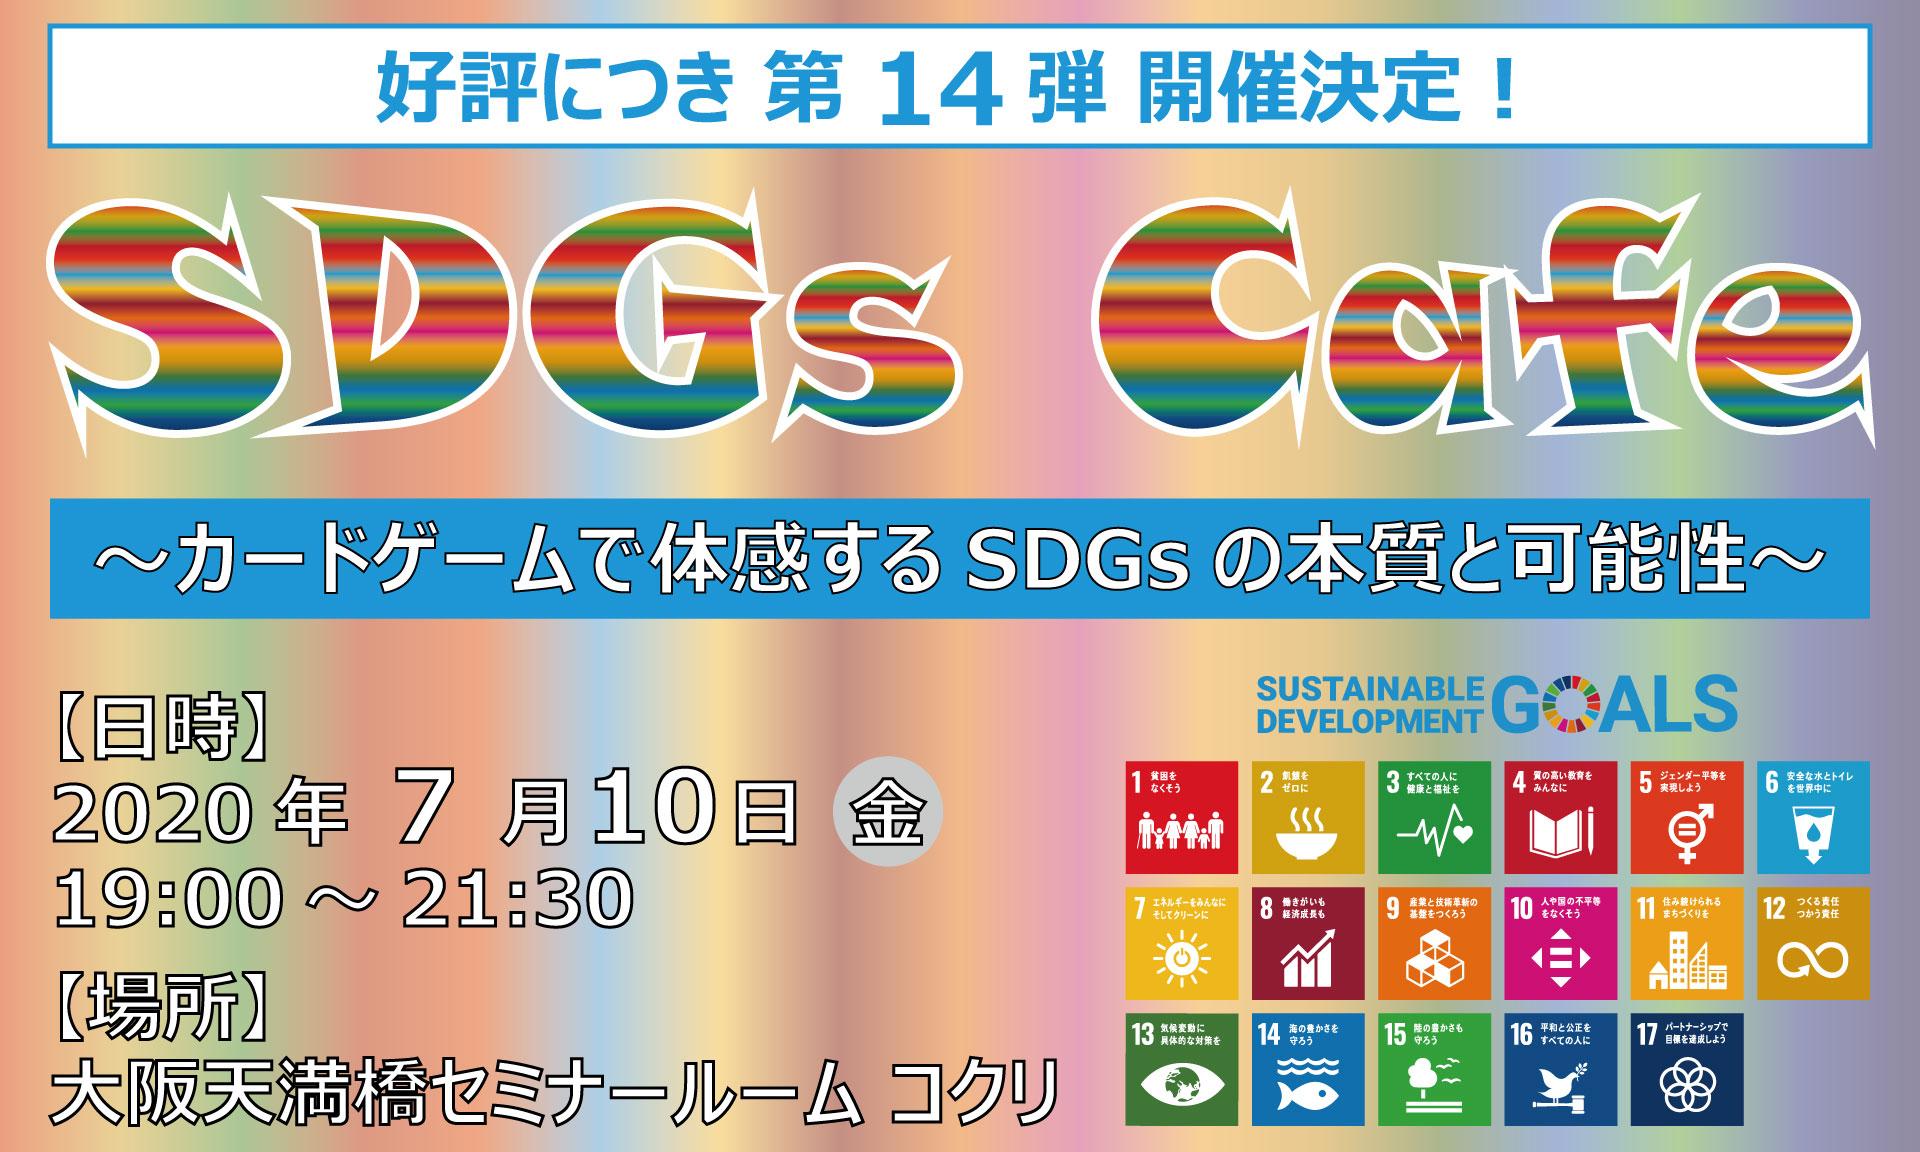 【7/10 大阪開催】SDGs Cafe ~カードゲームで体感するSDGsの本質と可能性~